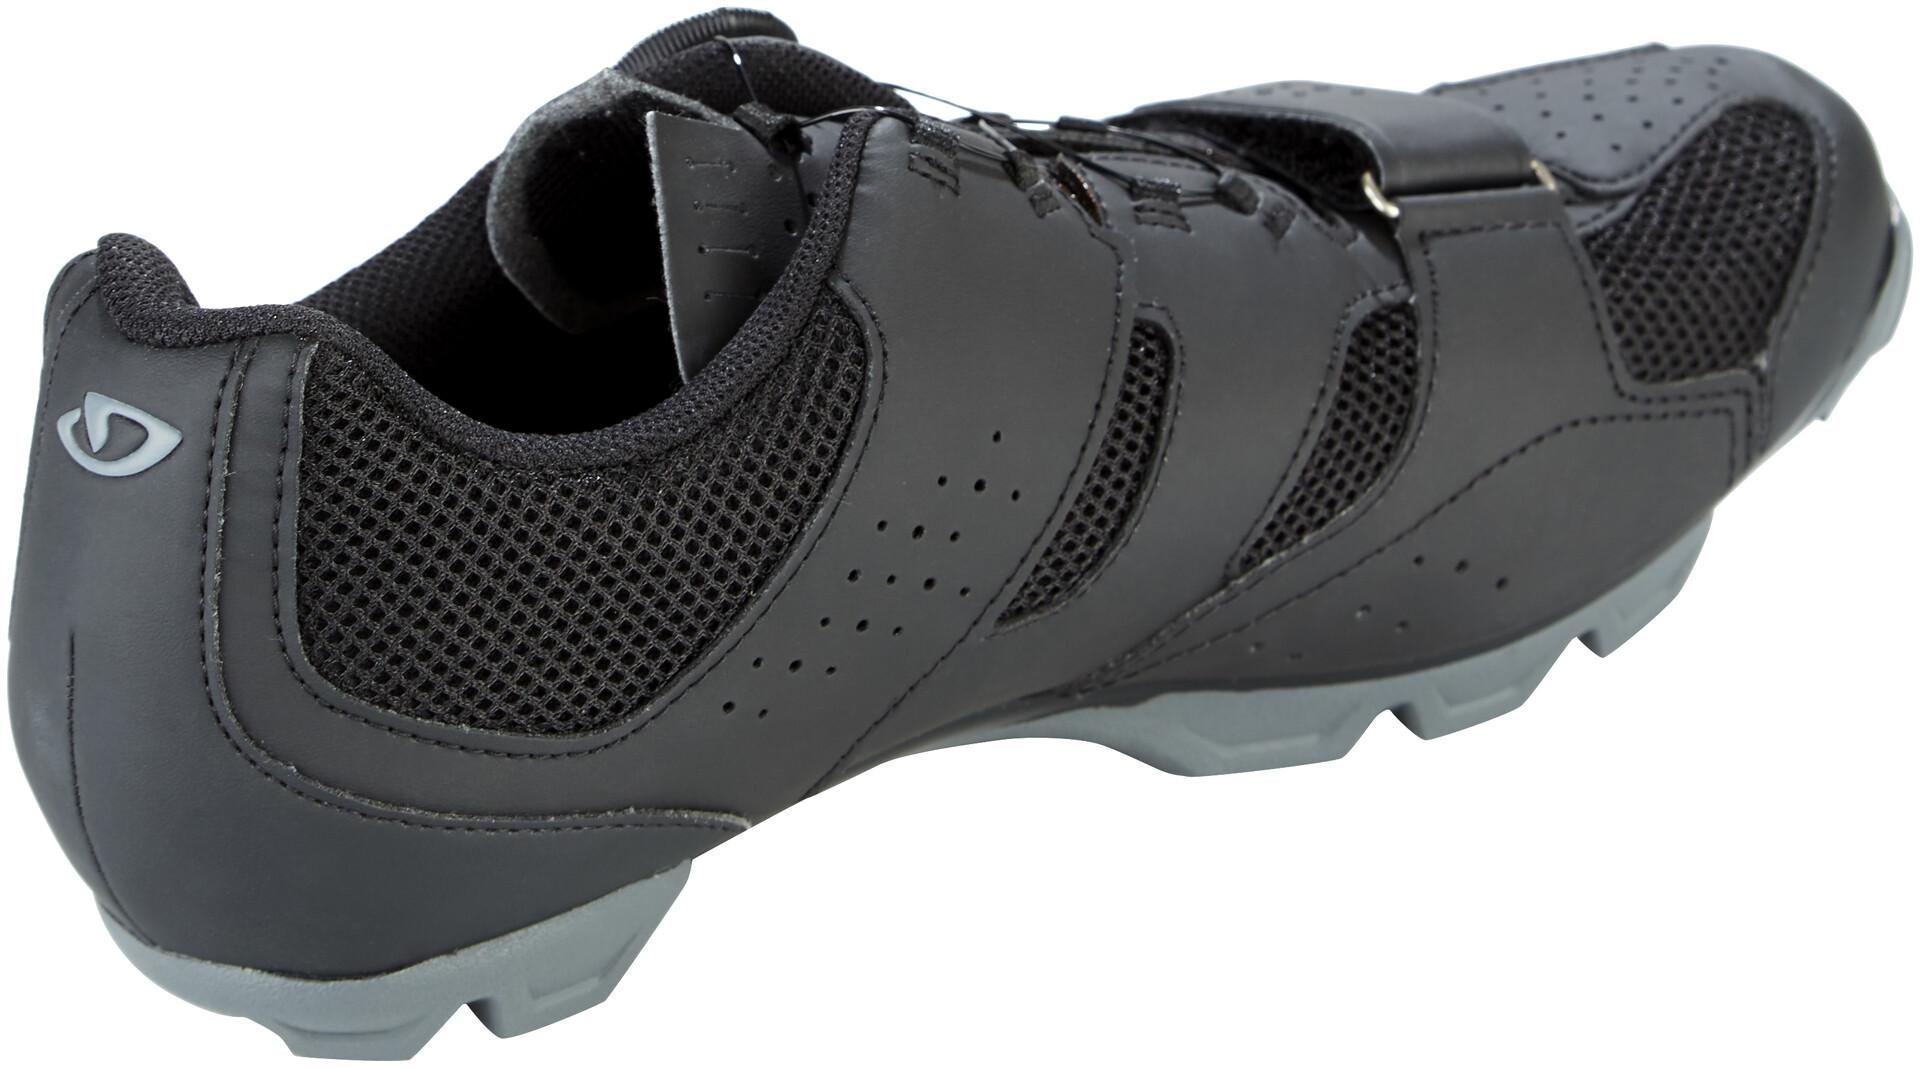 Giro Cylinder MTB Chaussures de VTT Homme 48 EU Black